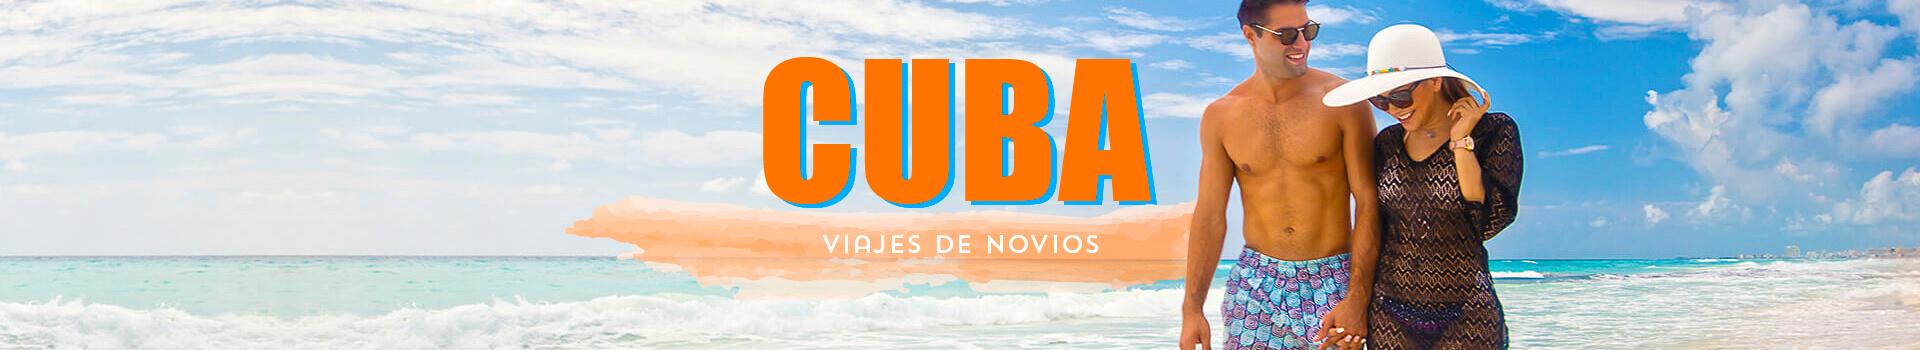 Viajes de novios por Cuba